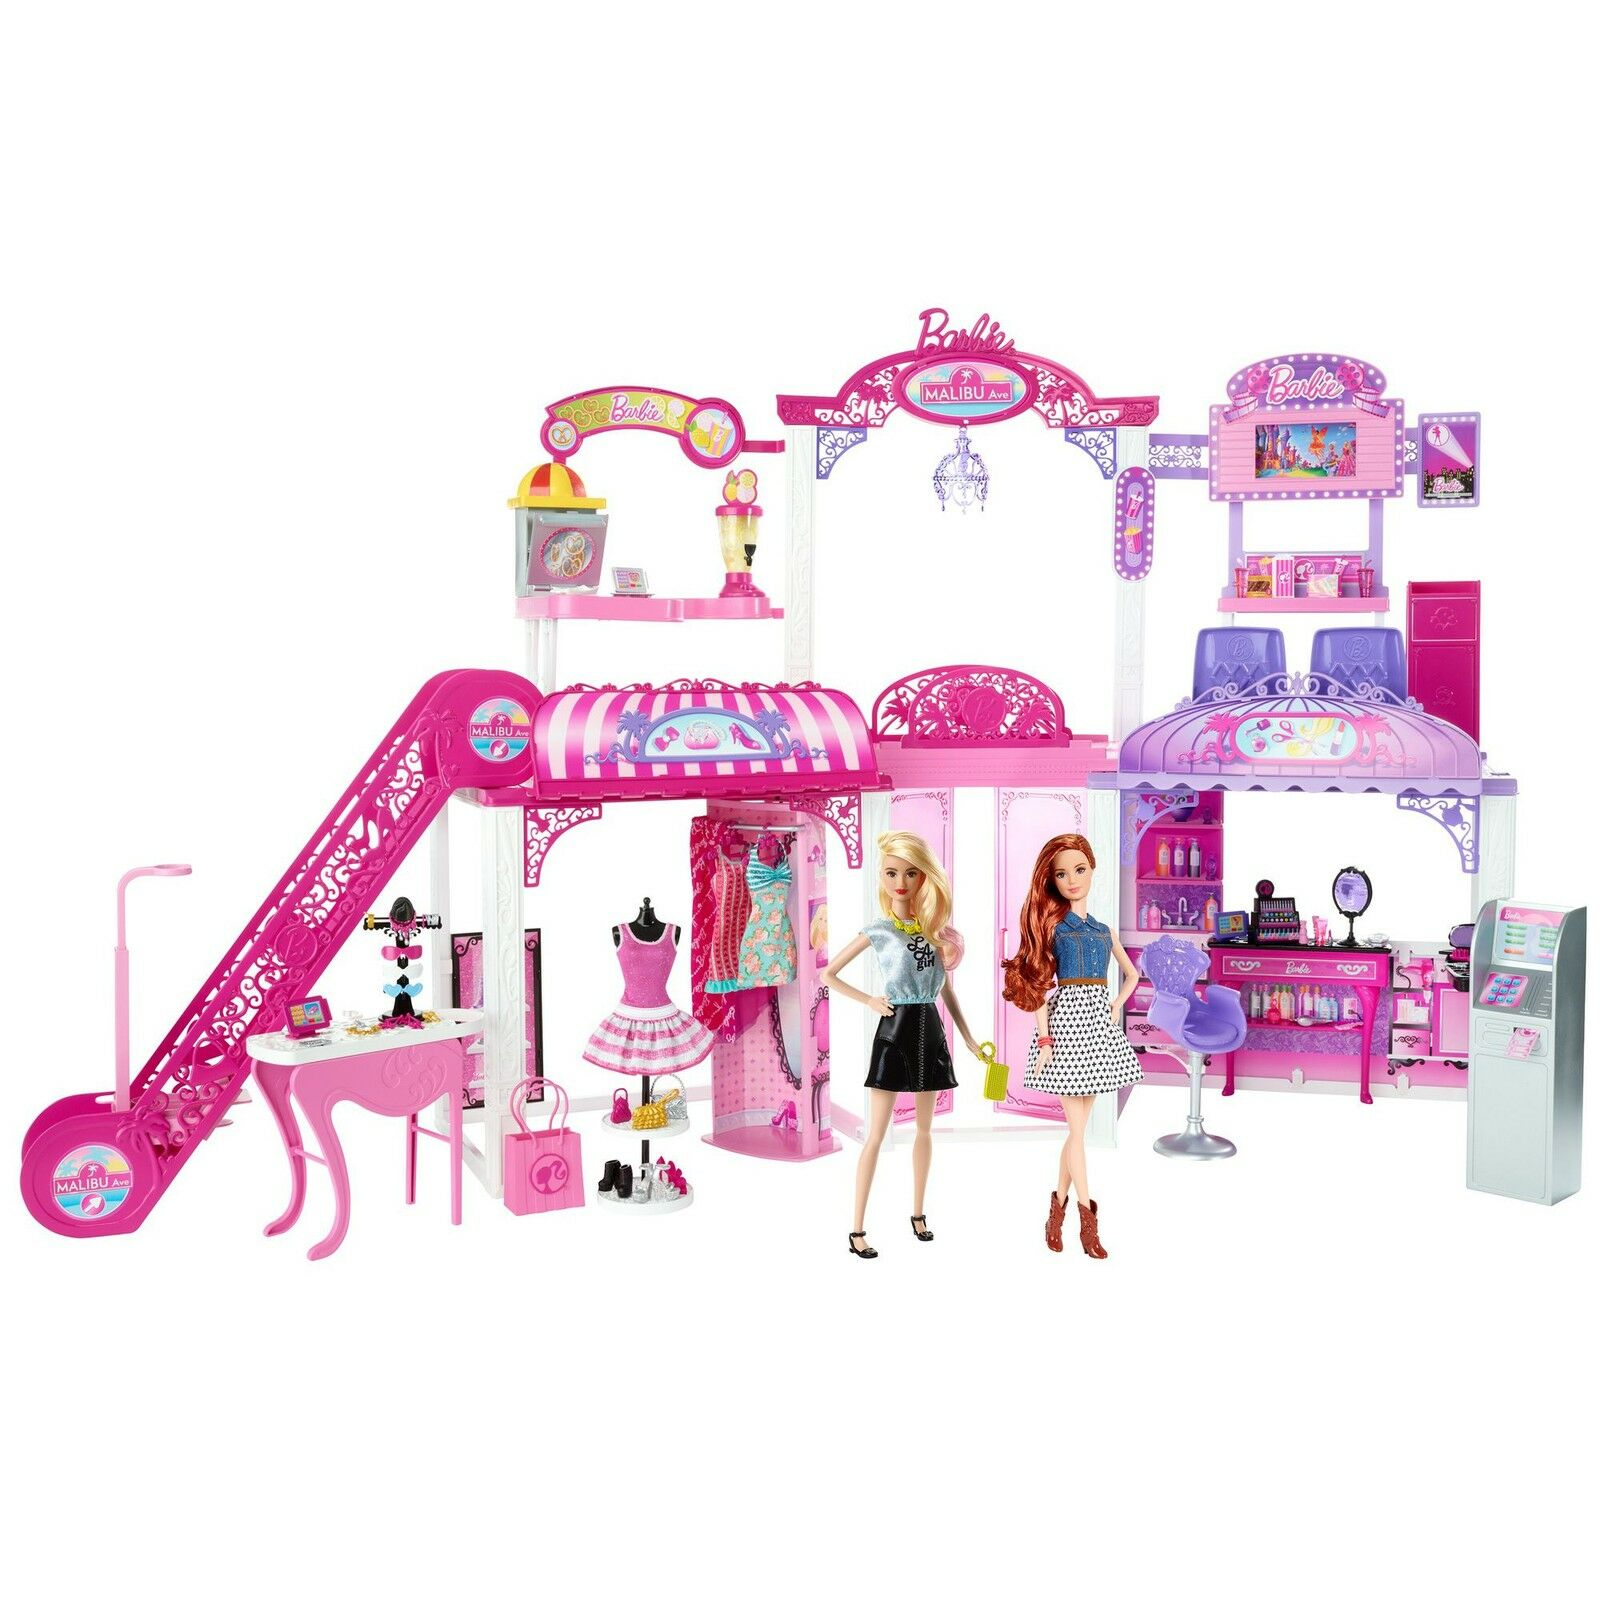 Toys,eBay.com